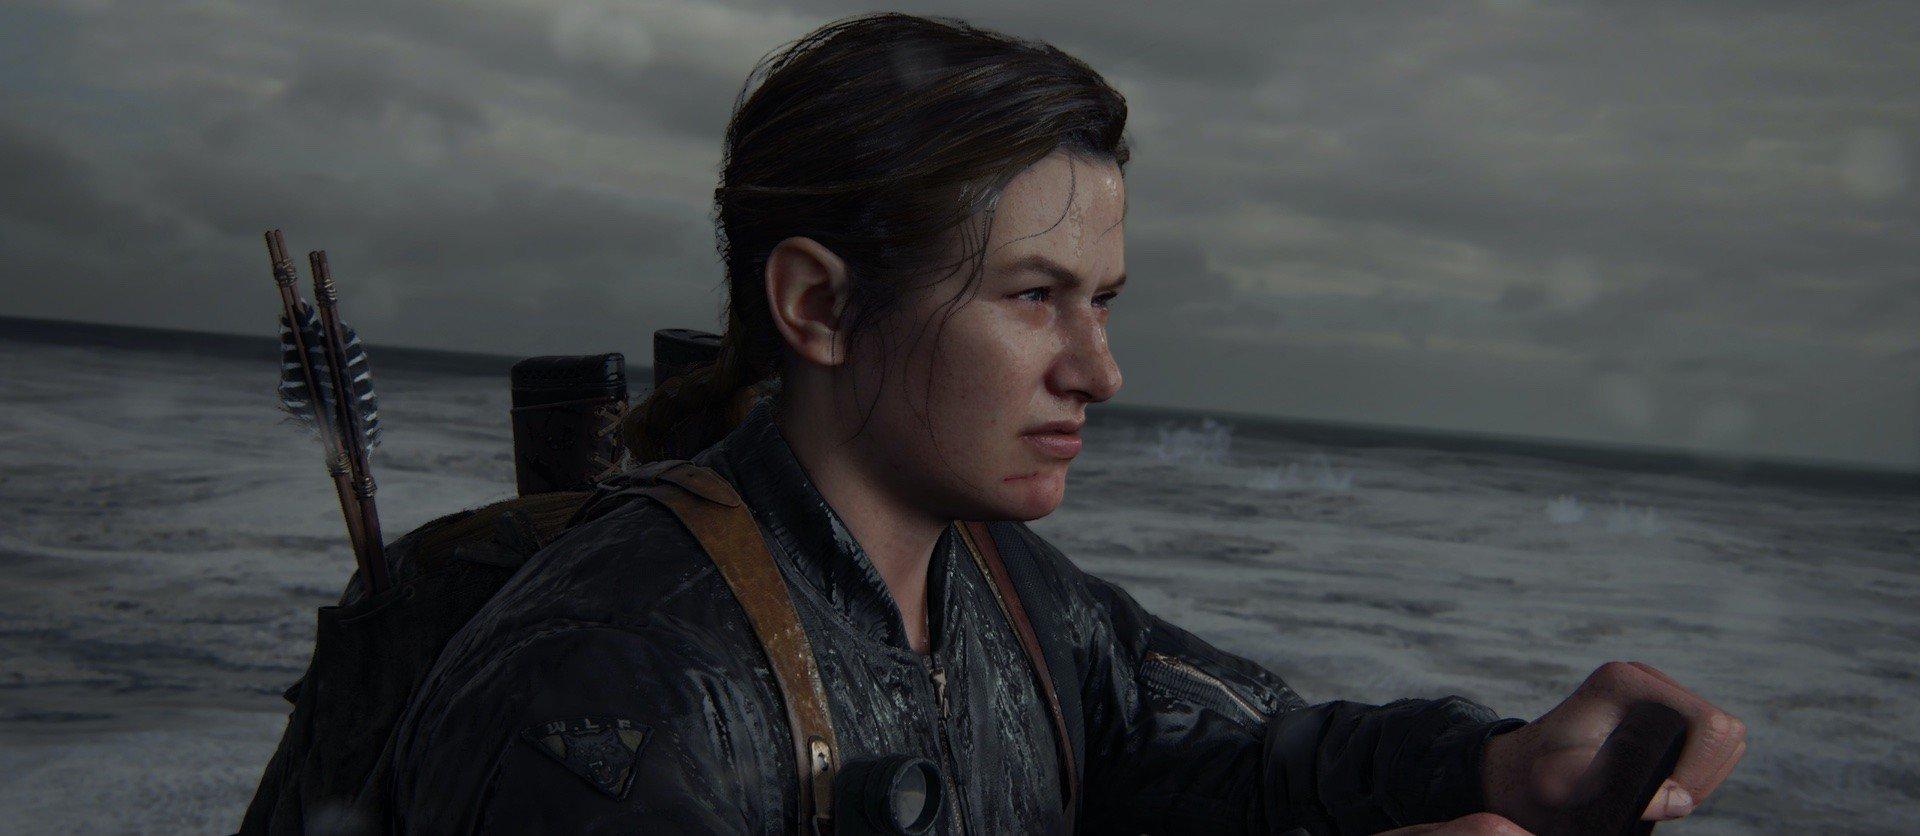 Mein Gesichtsausdruck beim Halten des Joypads nach 5 Stunden mit Abby.